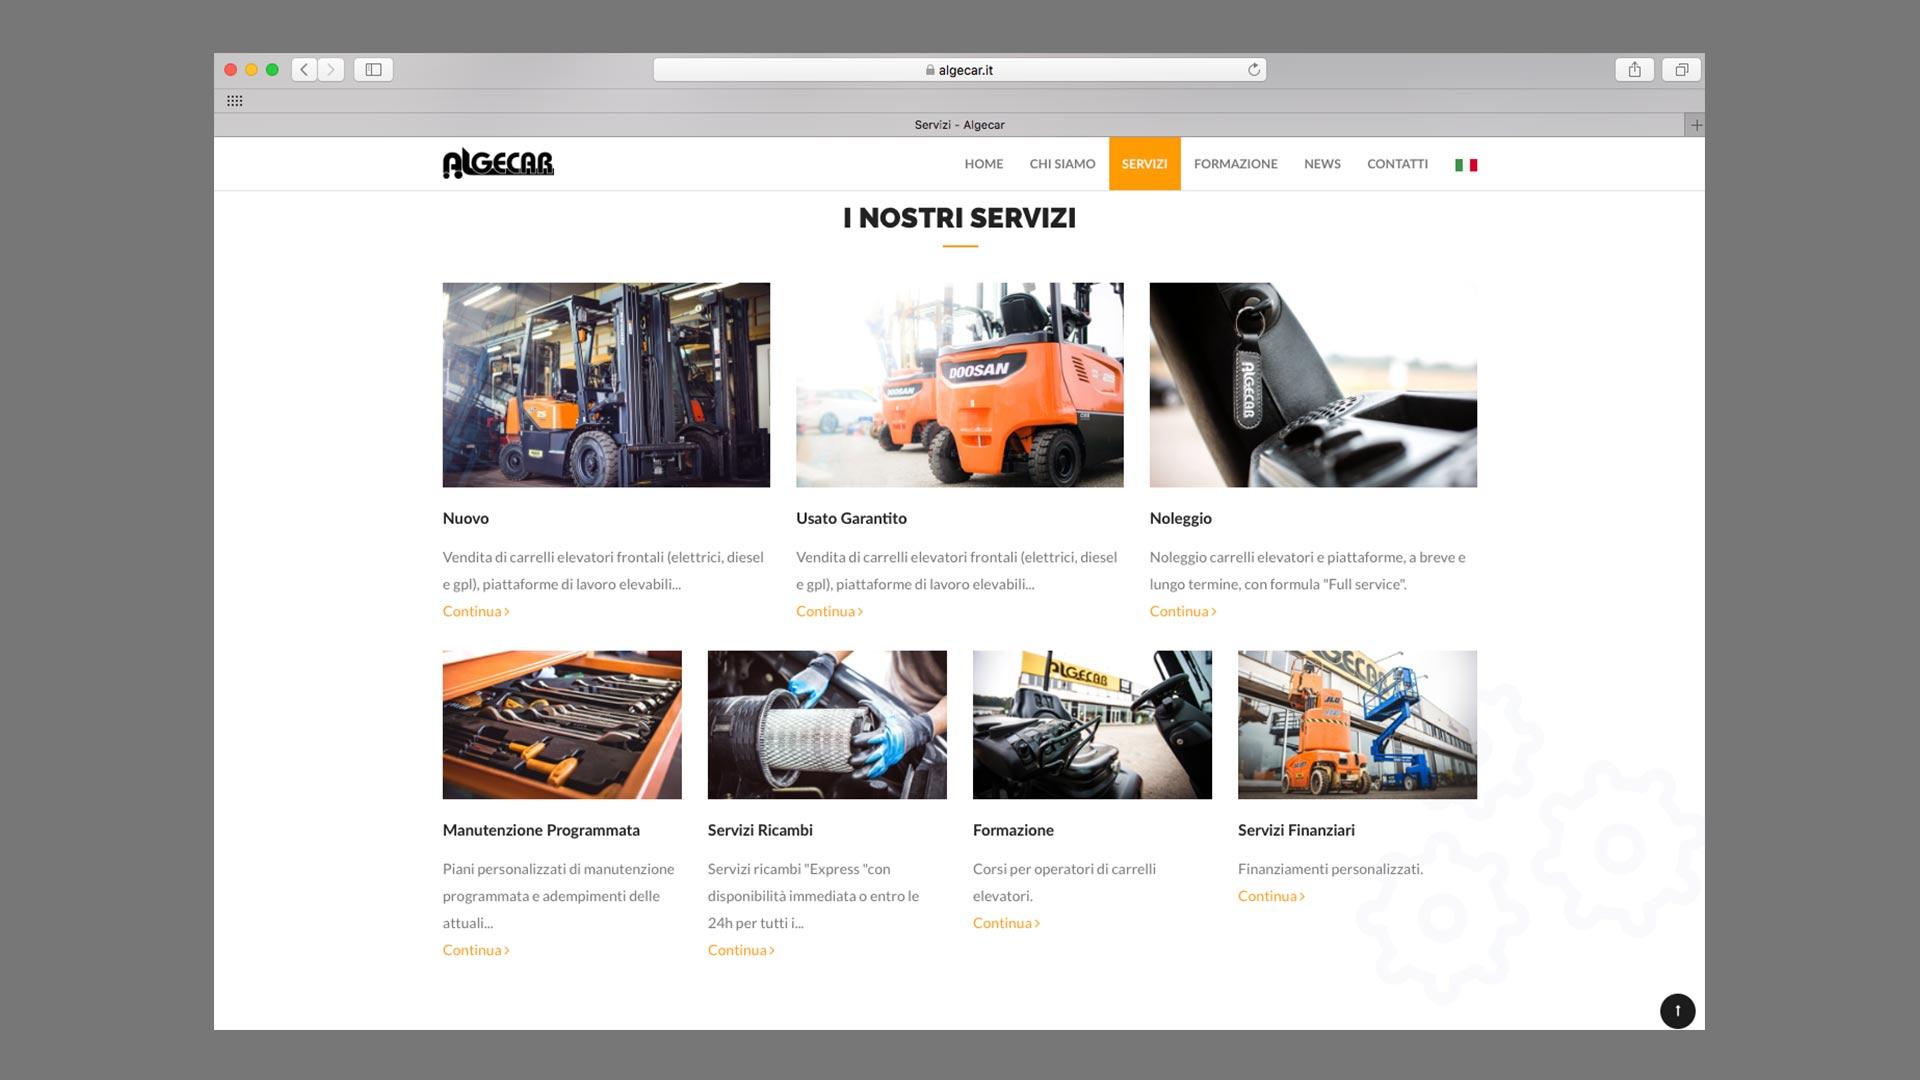 Sito Web di Algecar realizzato da OrangePix a Biella